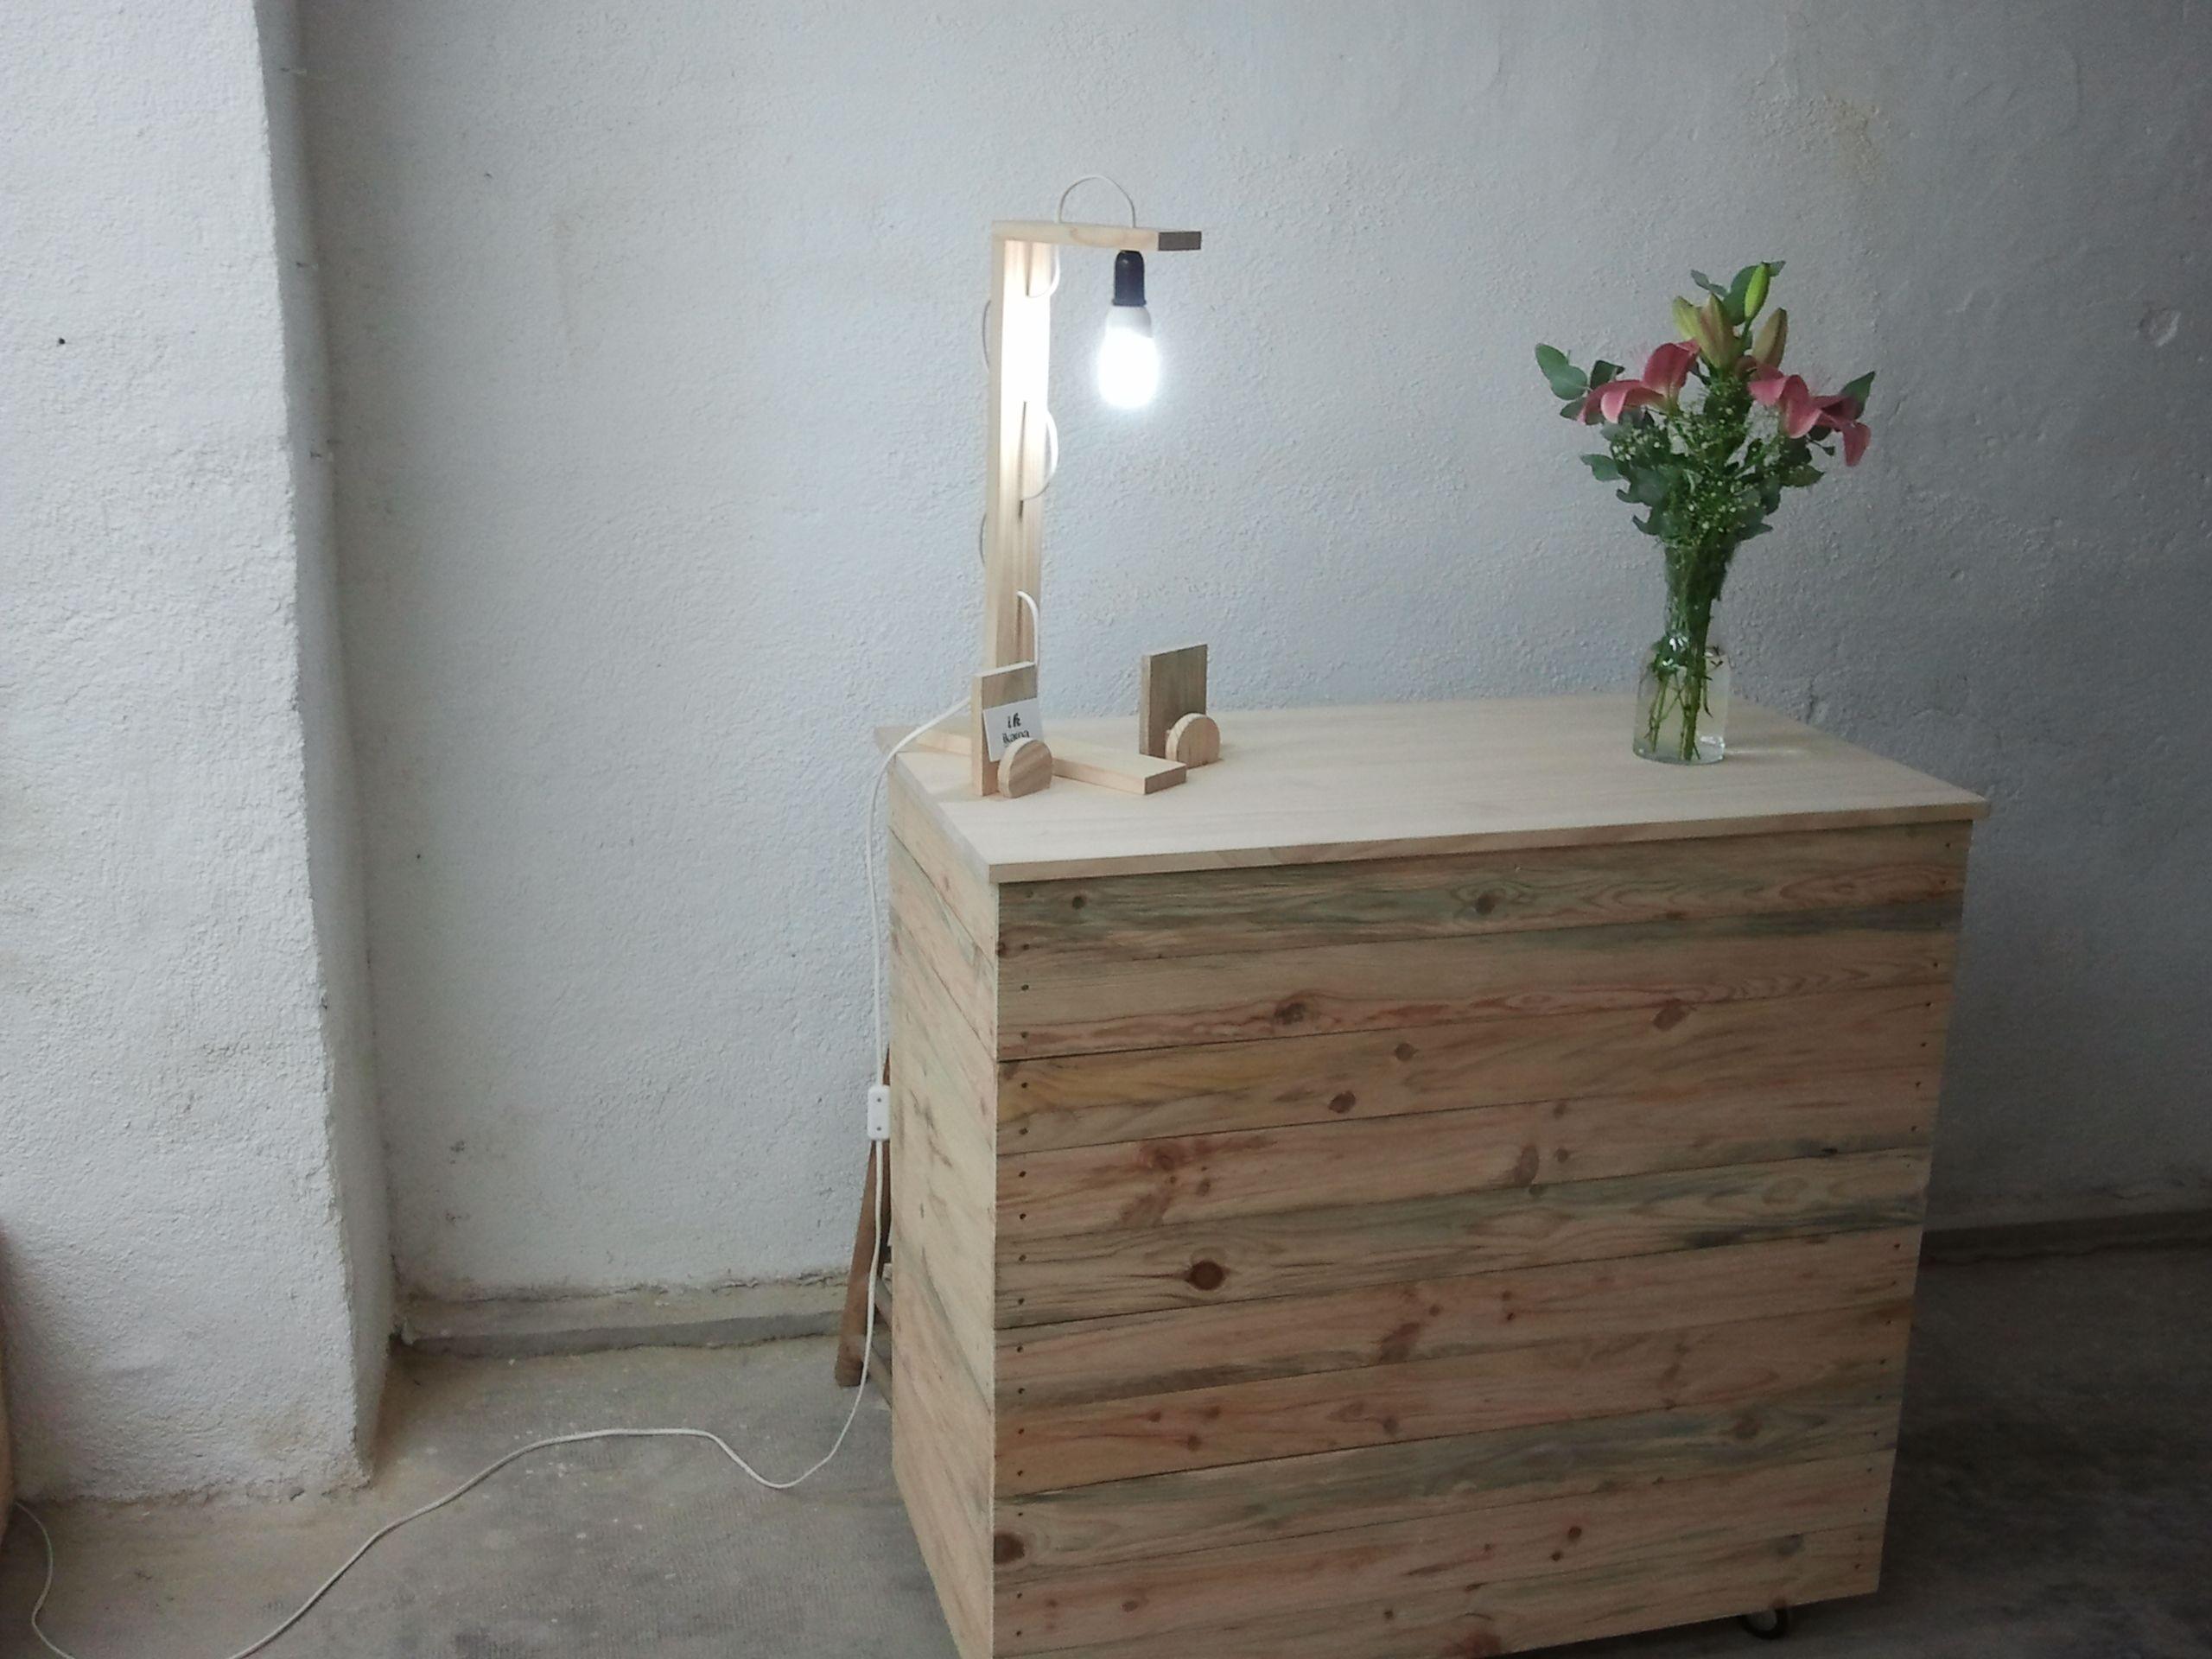 Mostrador y l mpara hechos con madera de palets - Mostradores de madera para negocios ...